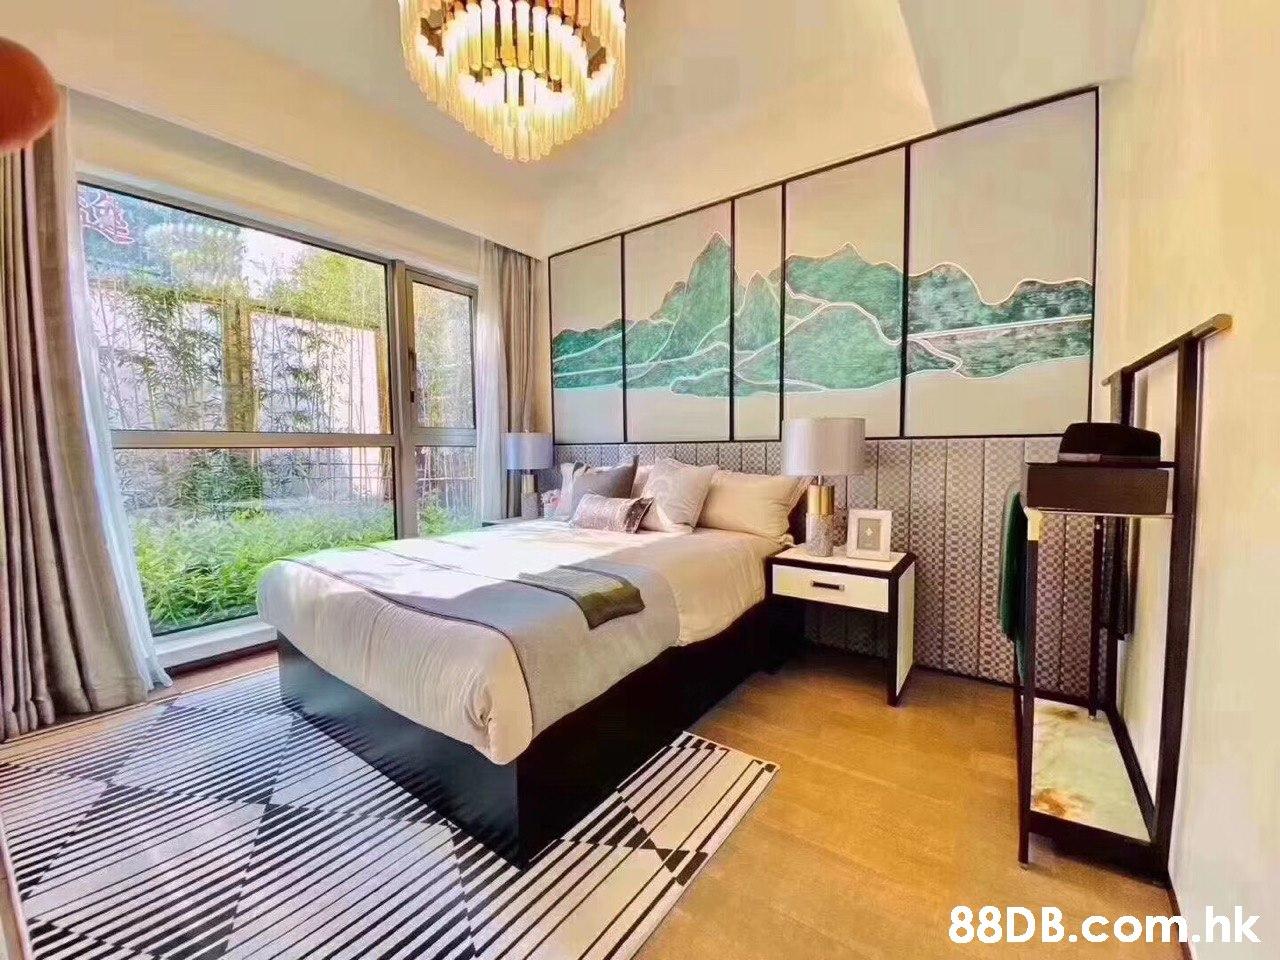 .hk  Bedroom,Furniture,Room,Property,Interior design